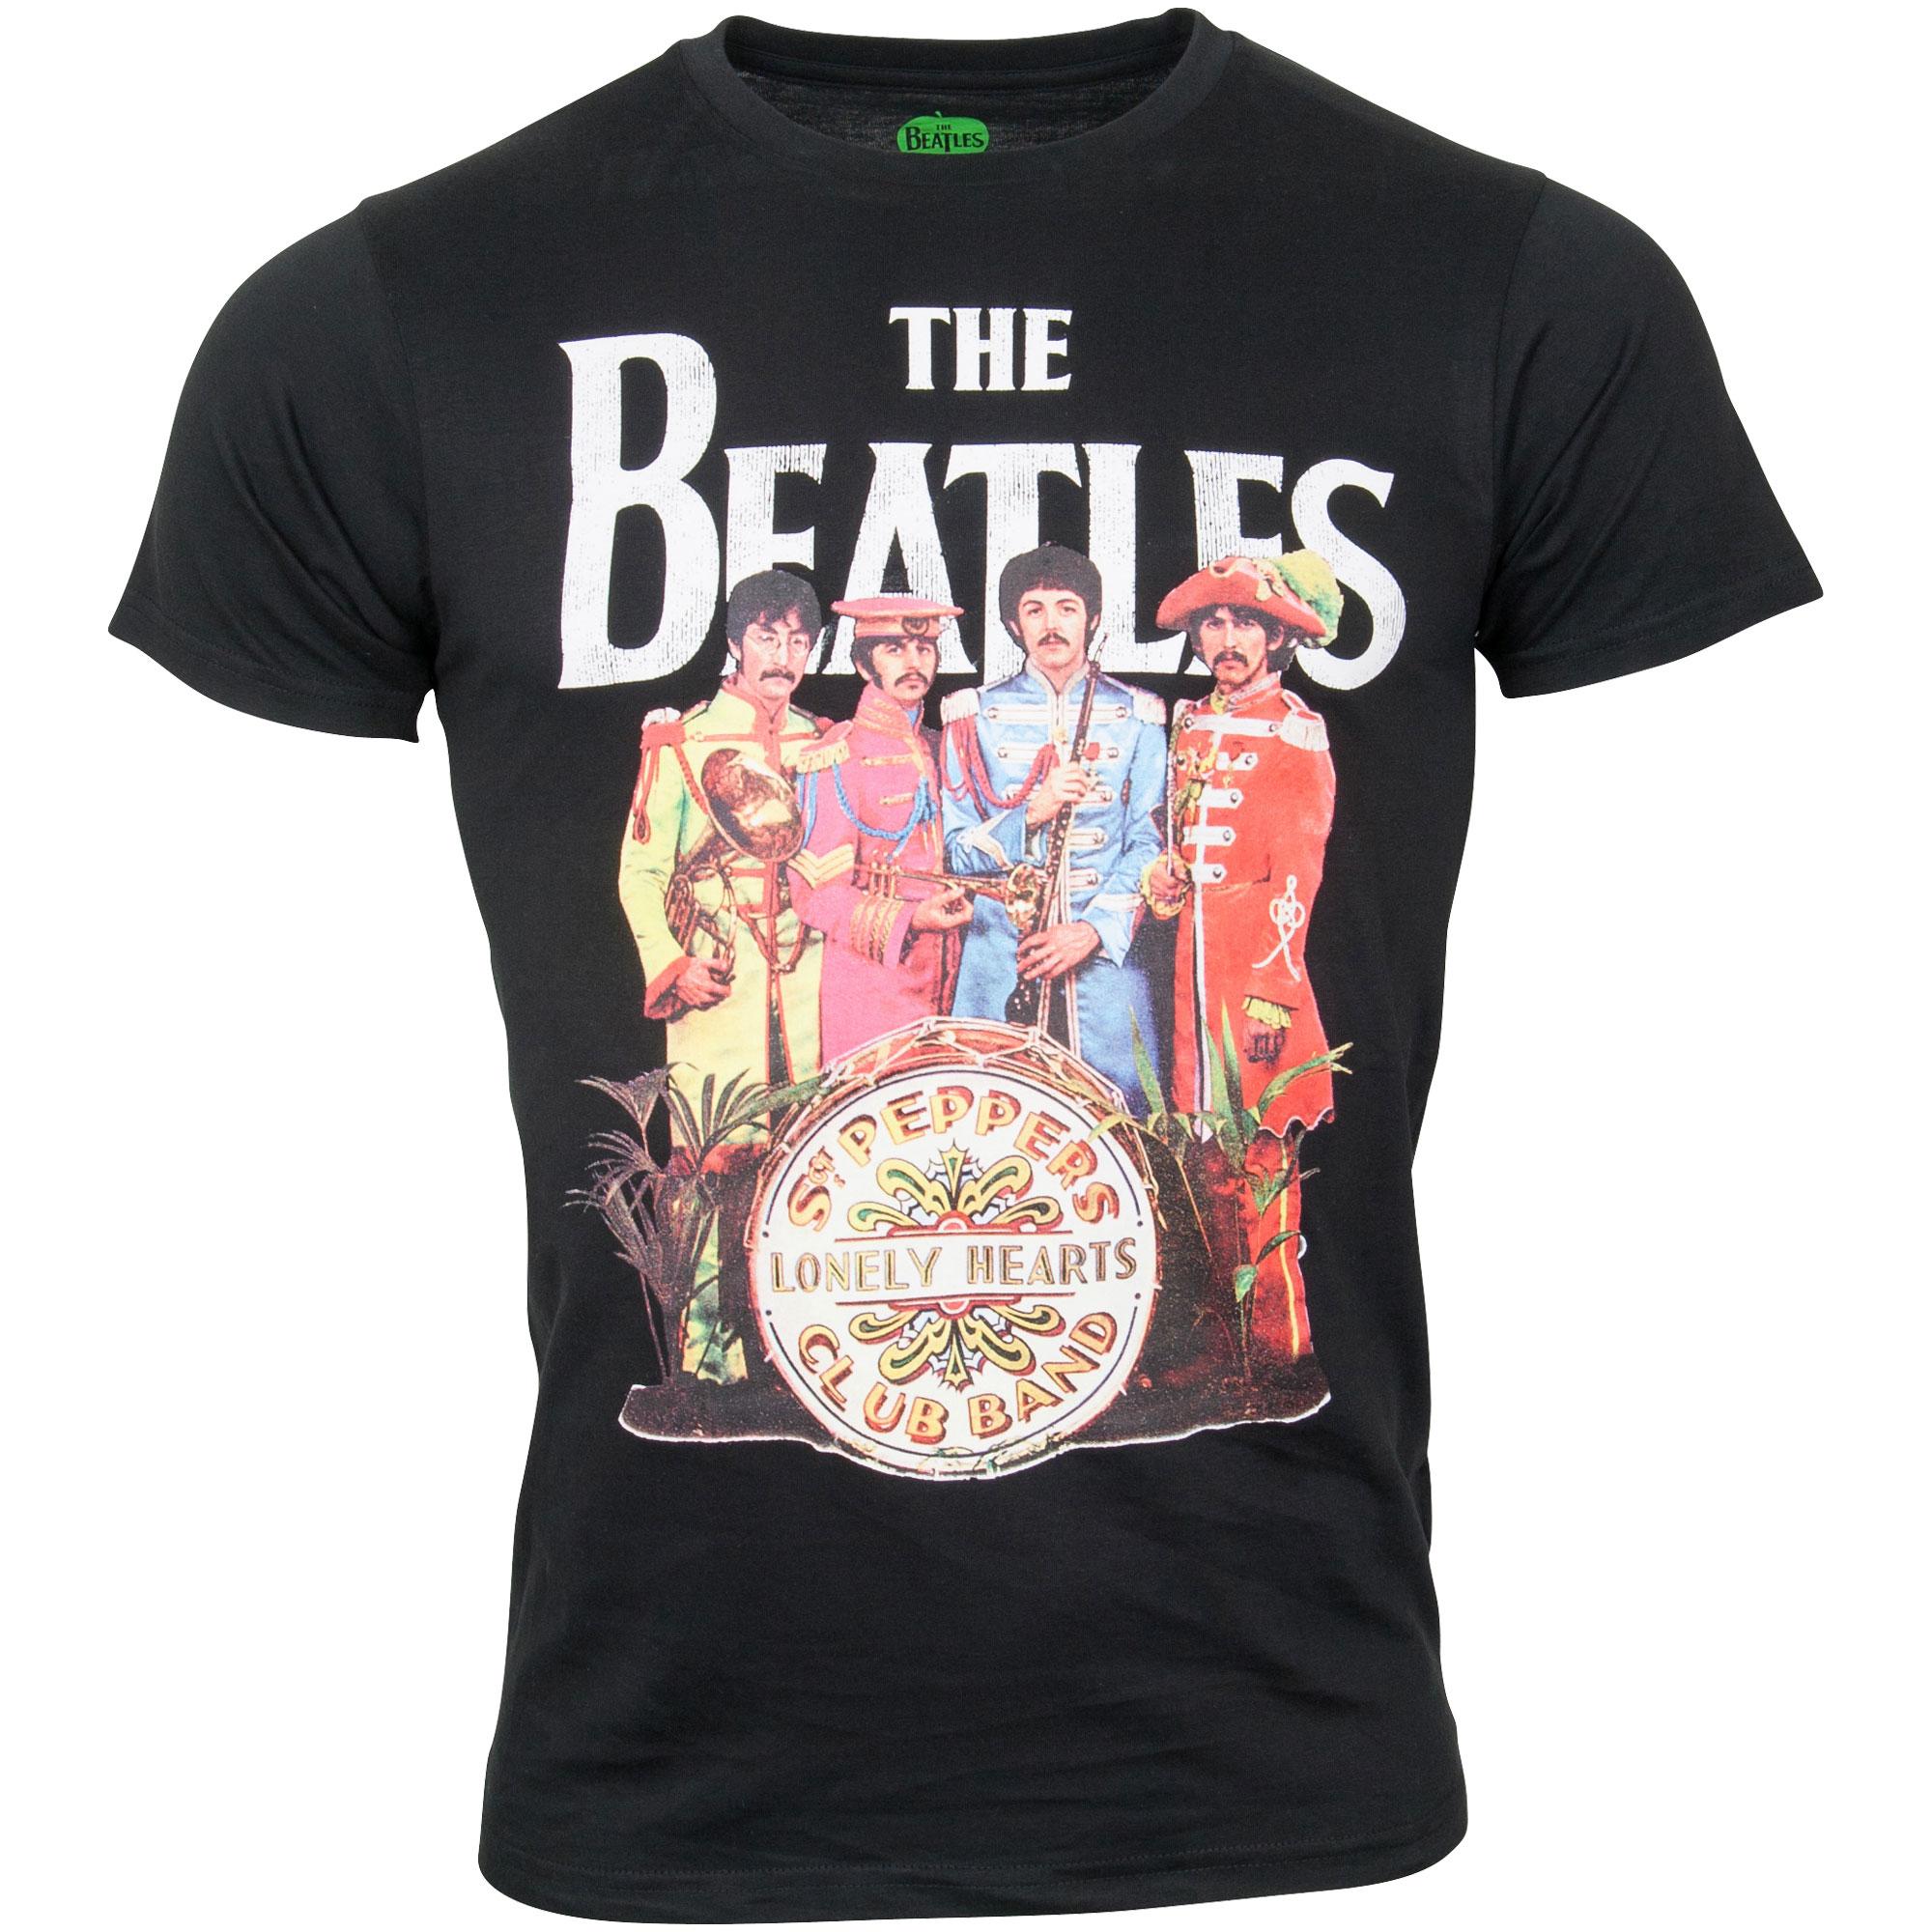 The Beatles - T-Shirt Sgt. Pepper - schwarz